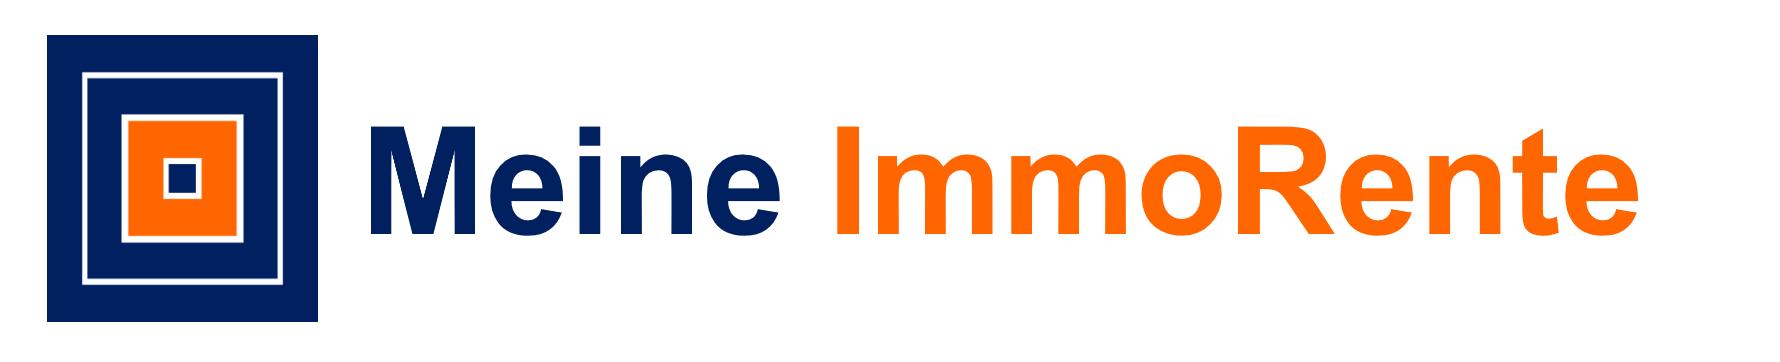 ImmoRente Logo2019